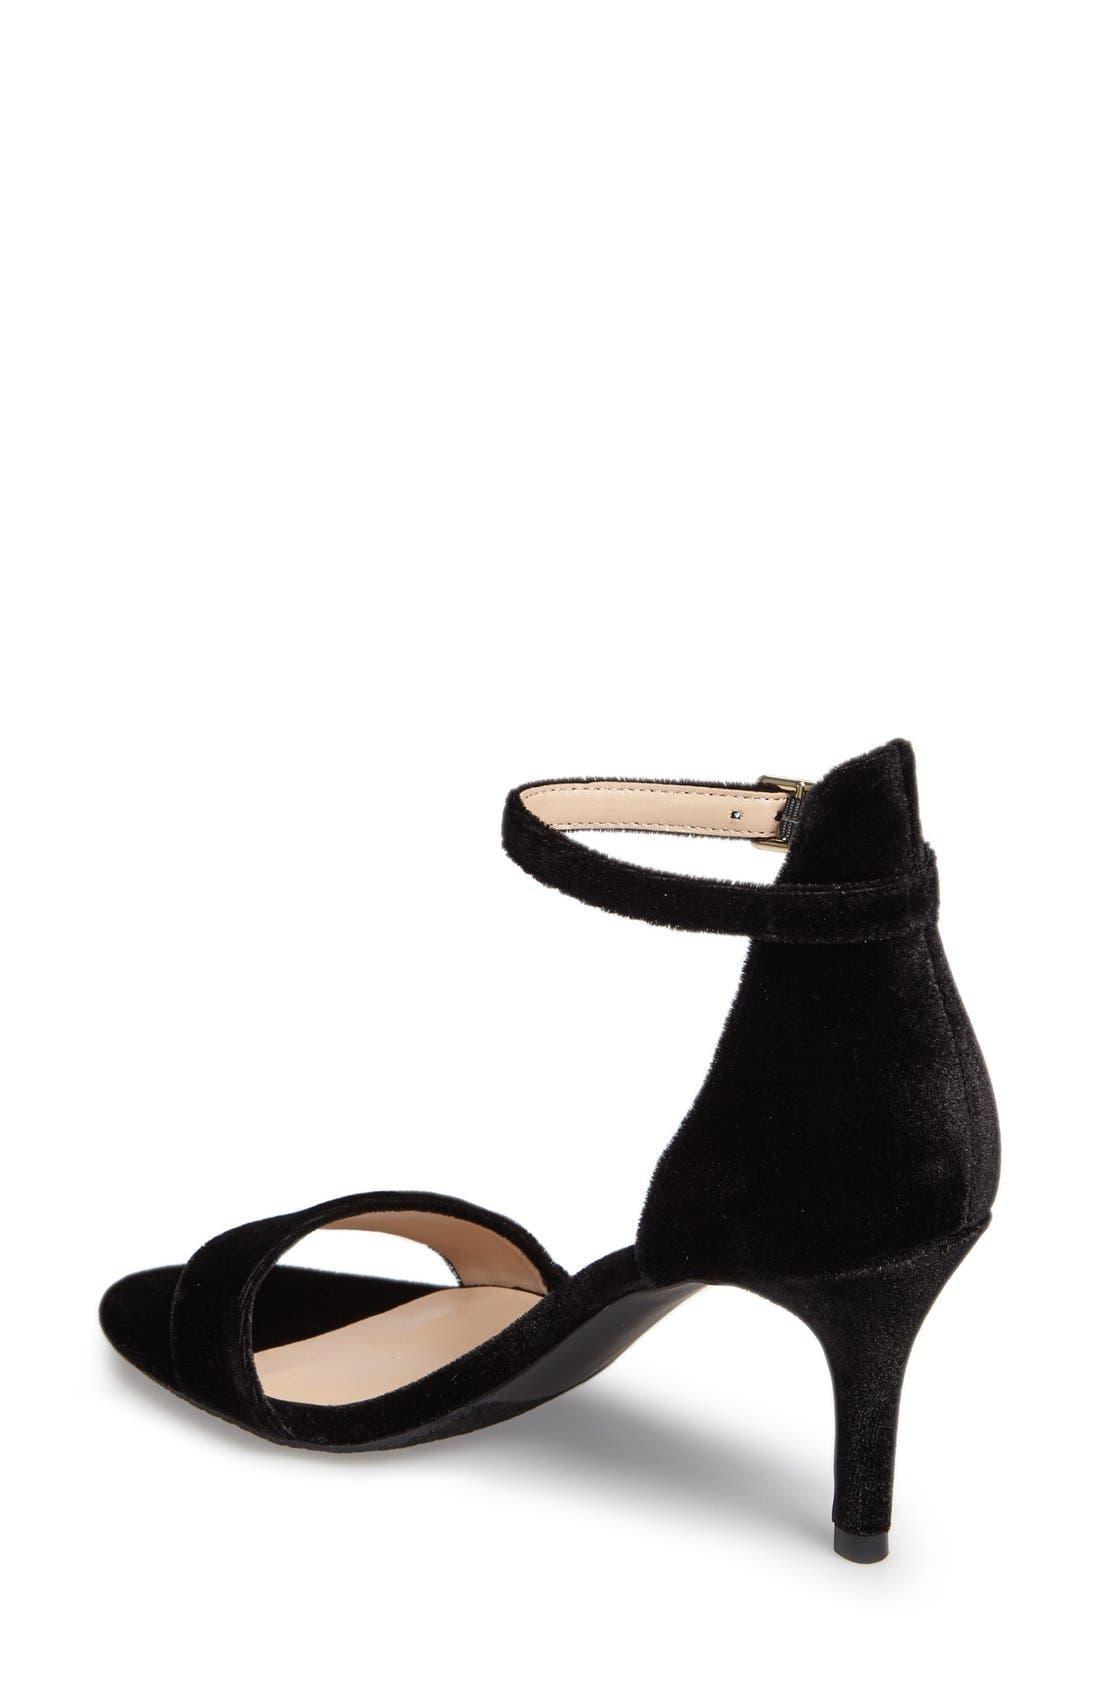 Alternate Image 2  - BP. 'Luminate' Open Toe Dress Sandal (Women)